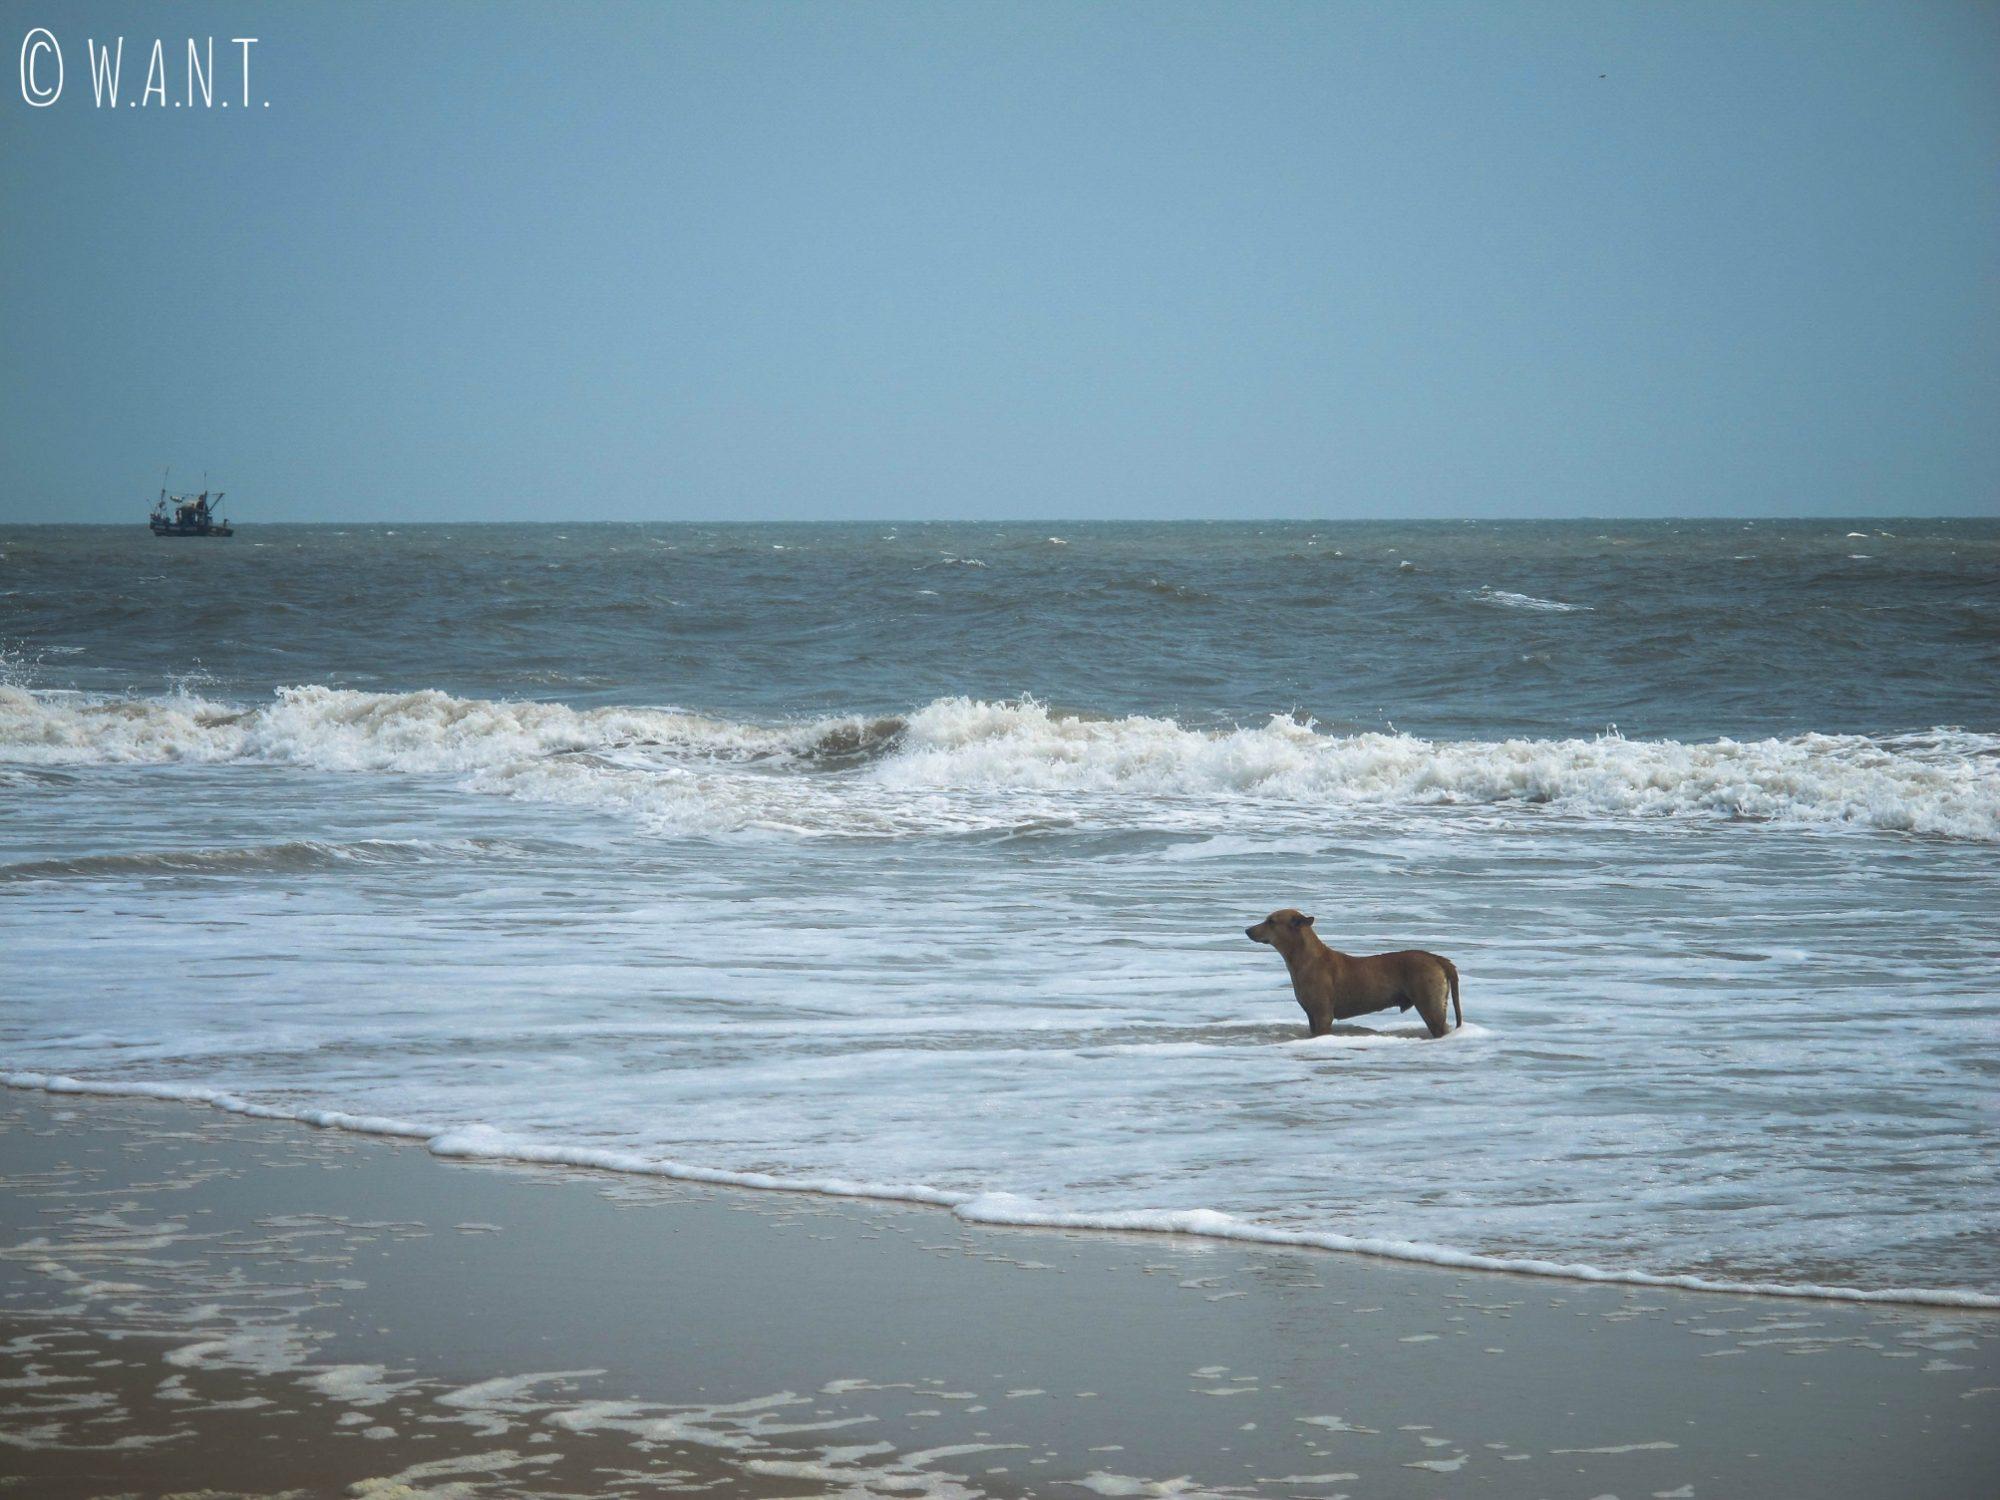 Les chiens errants de la plage profitent aussi de la baignade pour se rafraichir